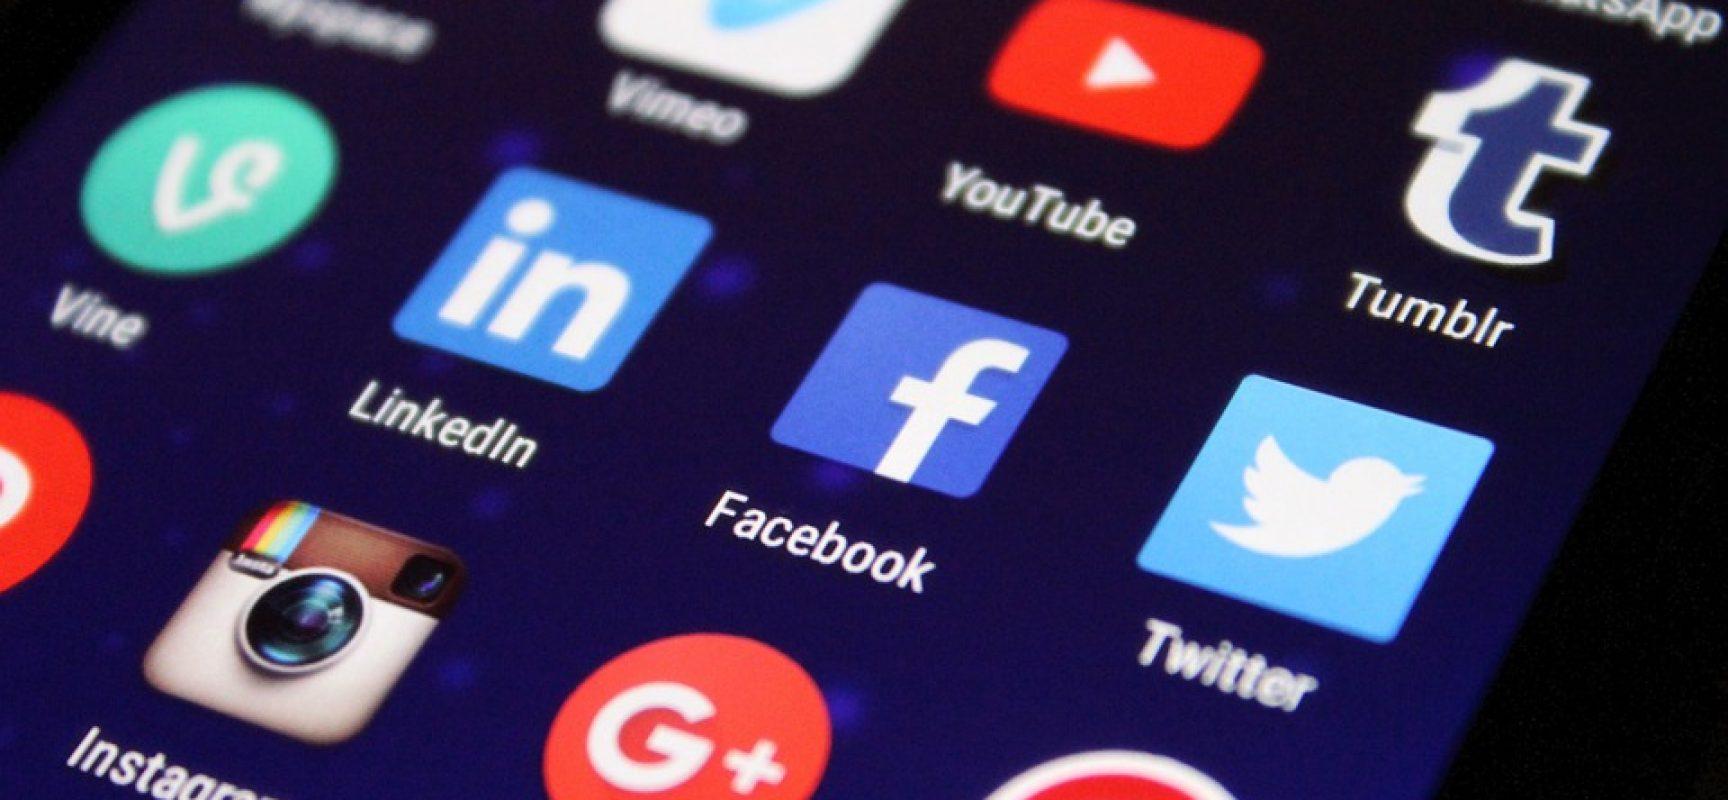 Media społecznościowe poprzez algorytmy antagonizują społeczeństwa